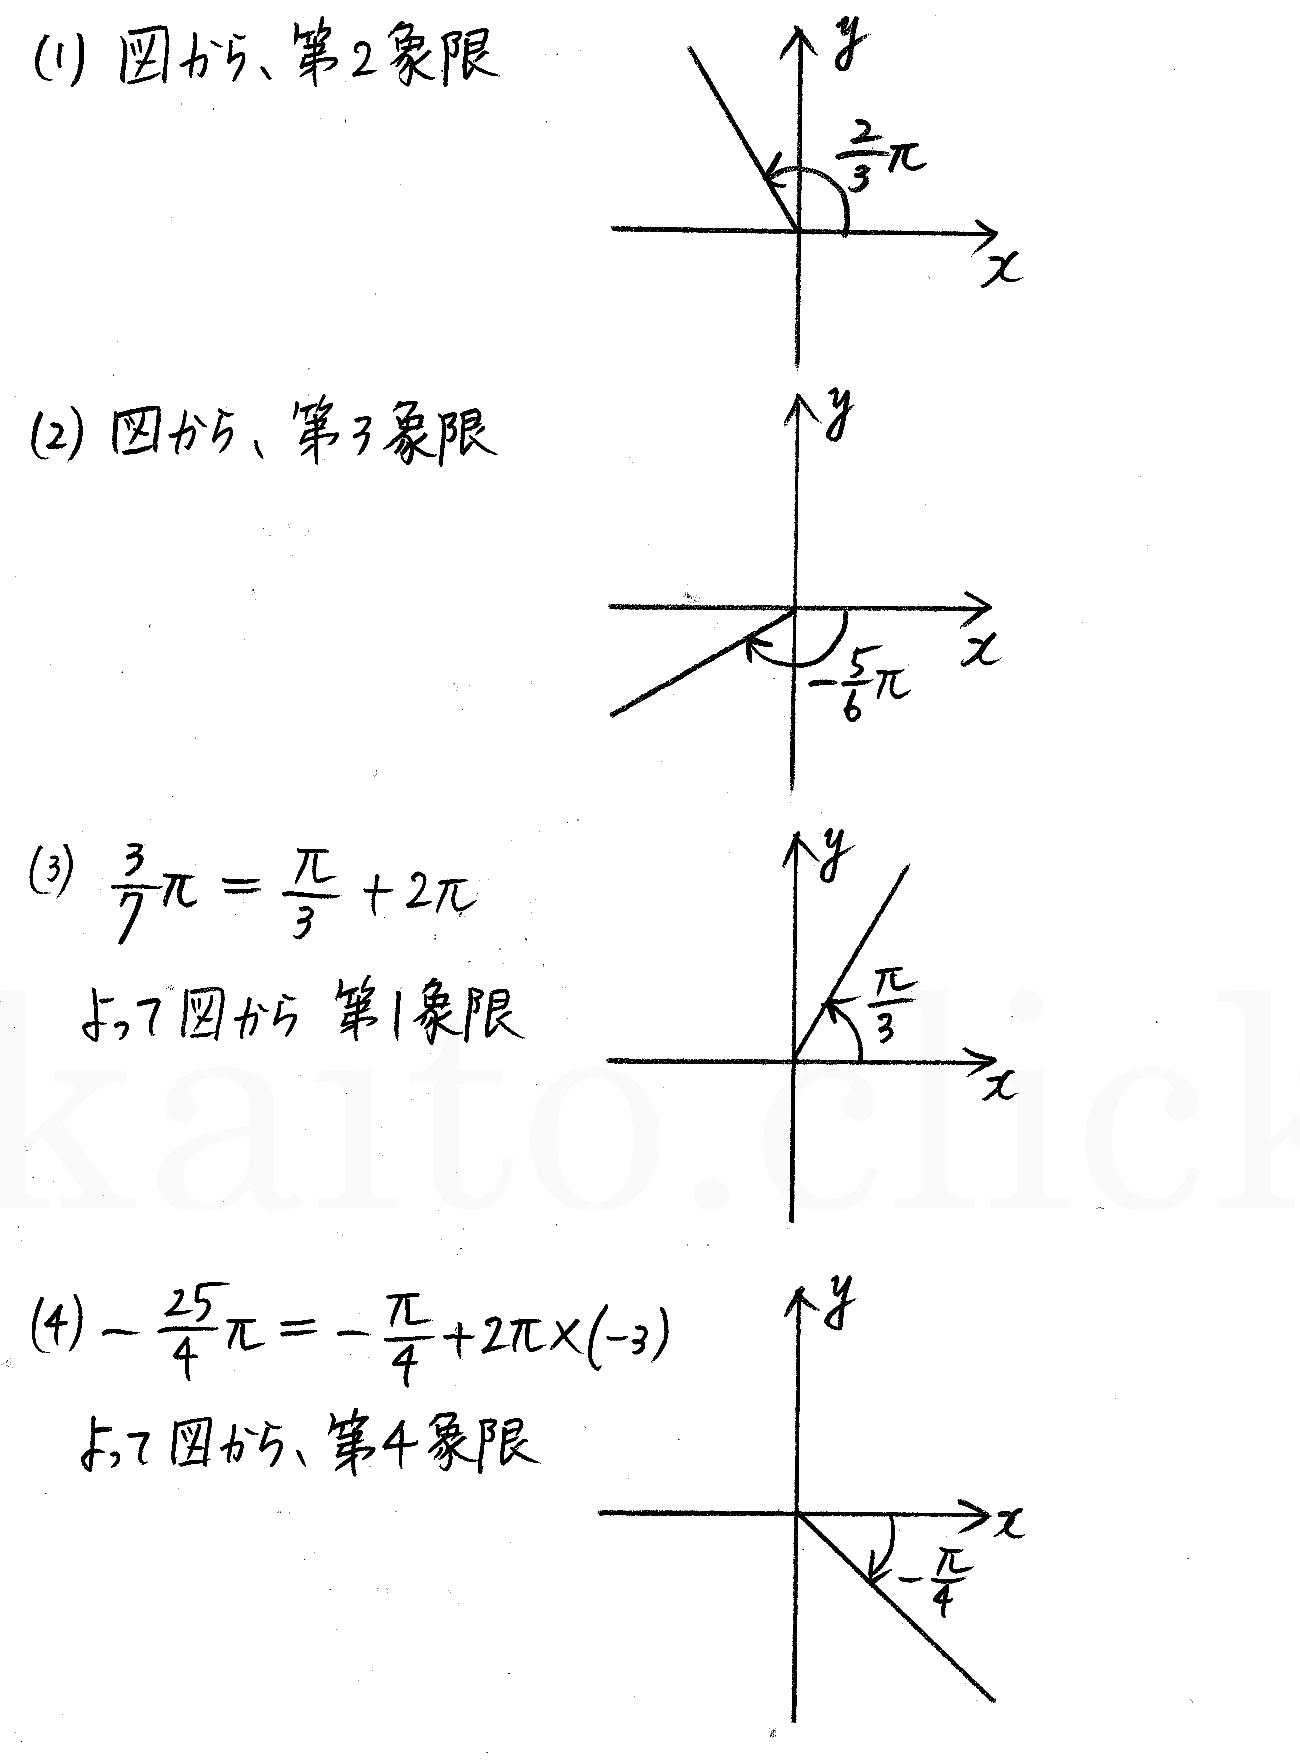 クリアー数学2-243解答